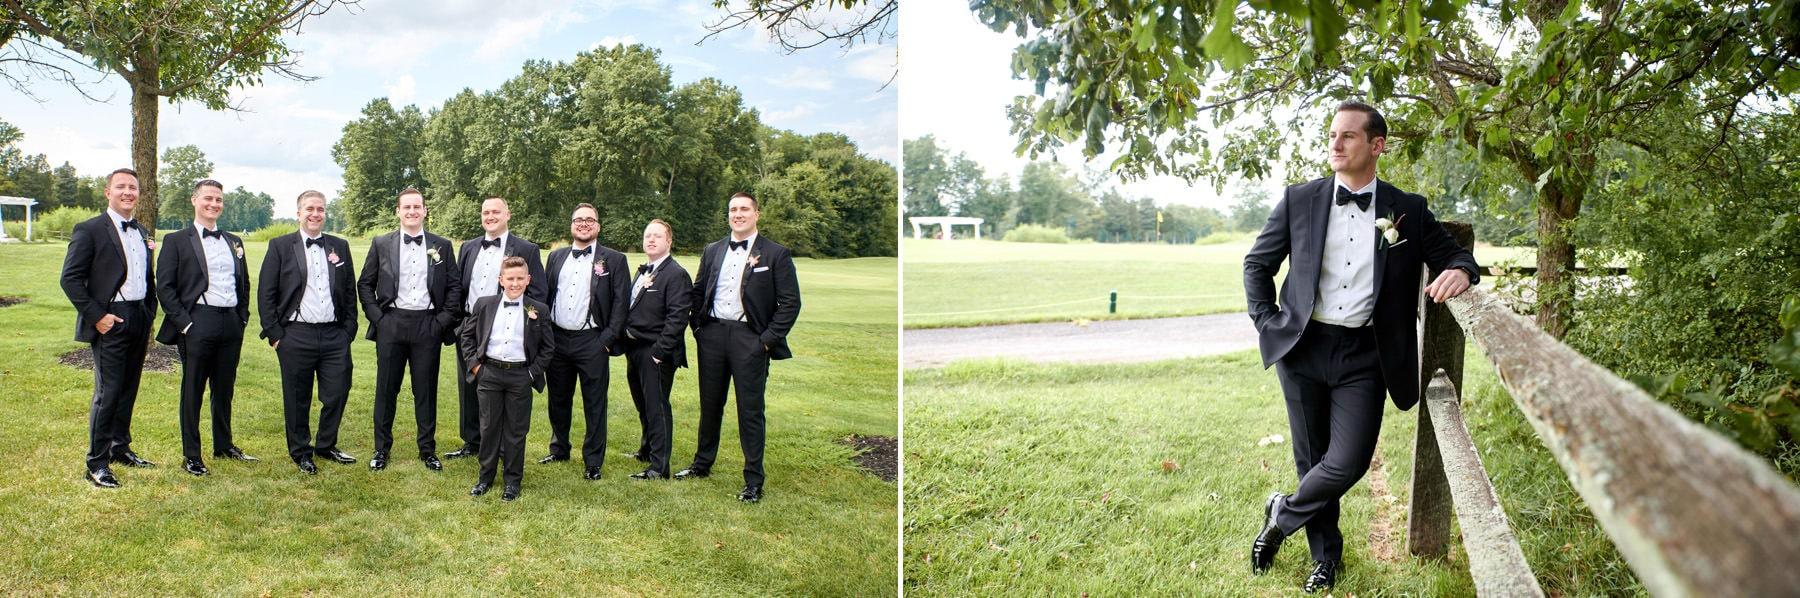 groomsmen at Royce Brook Golf Club